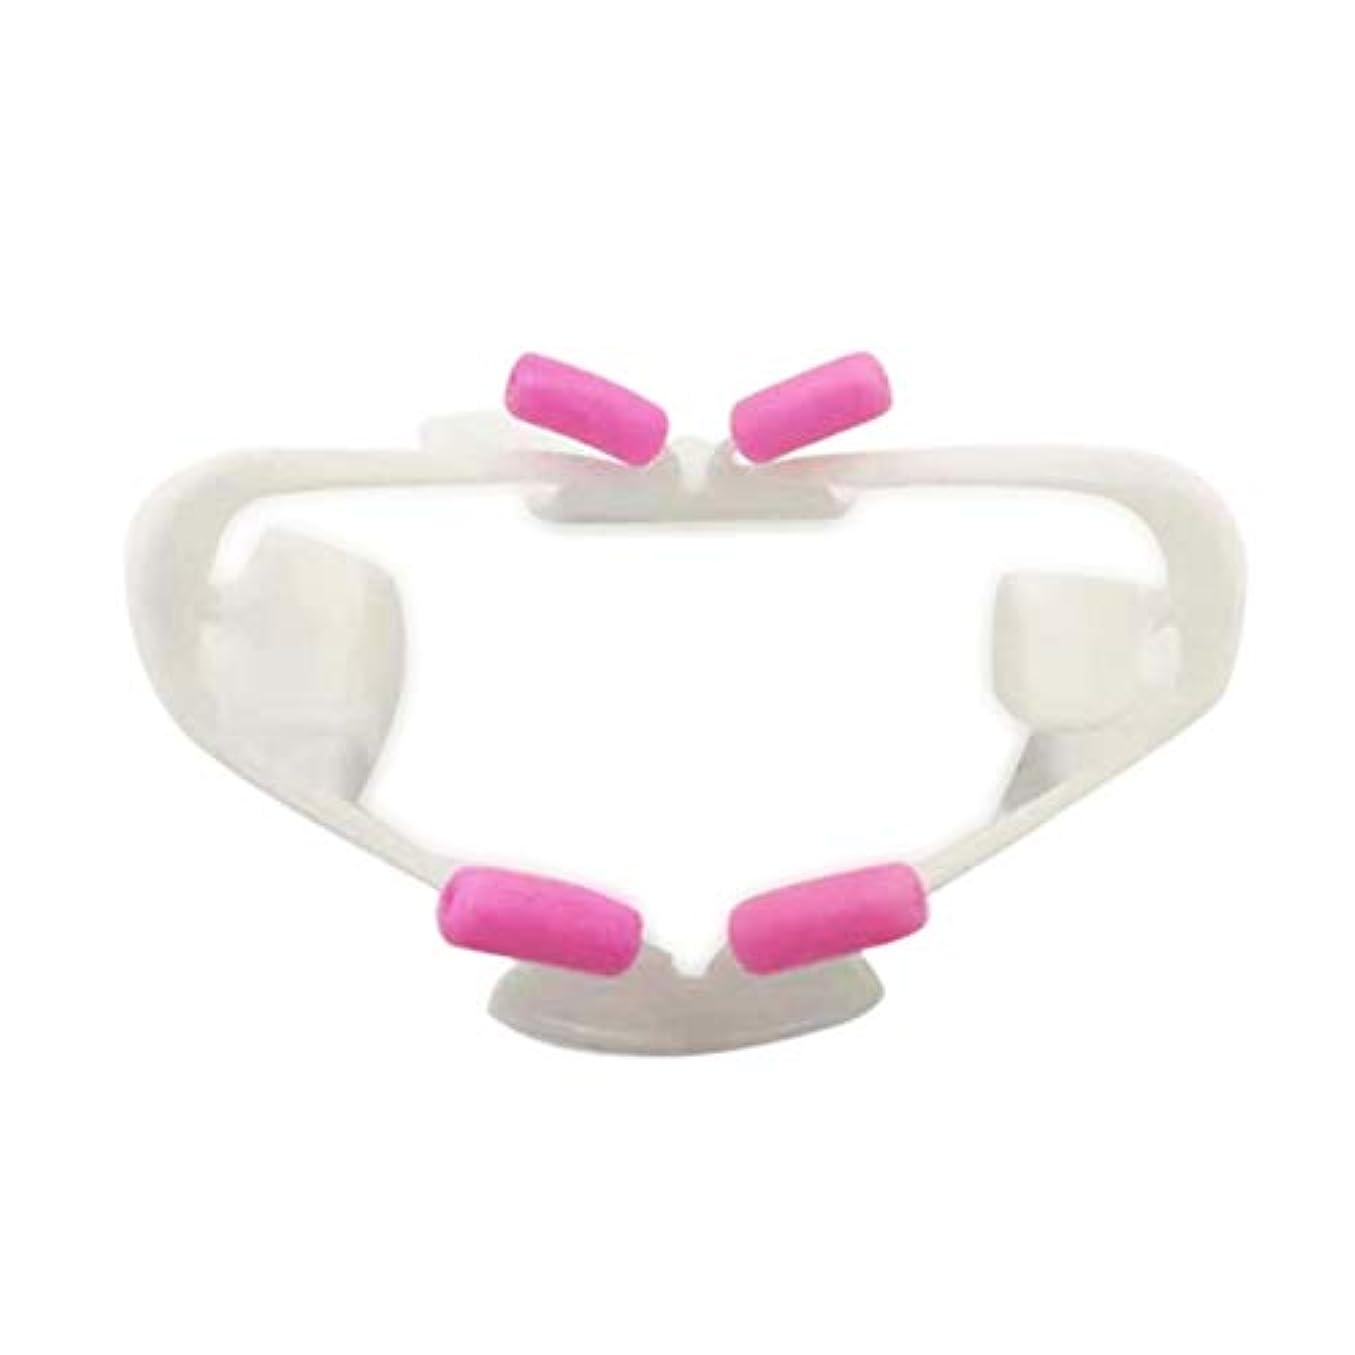 無線犯罪かなりHEALIFTY 3D歯科矯正歯科口腔内チークリップリトラクター口プロップオープナーS